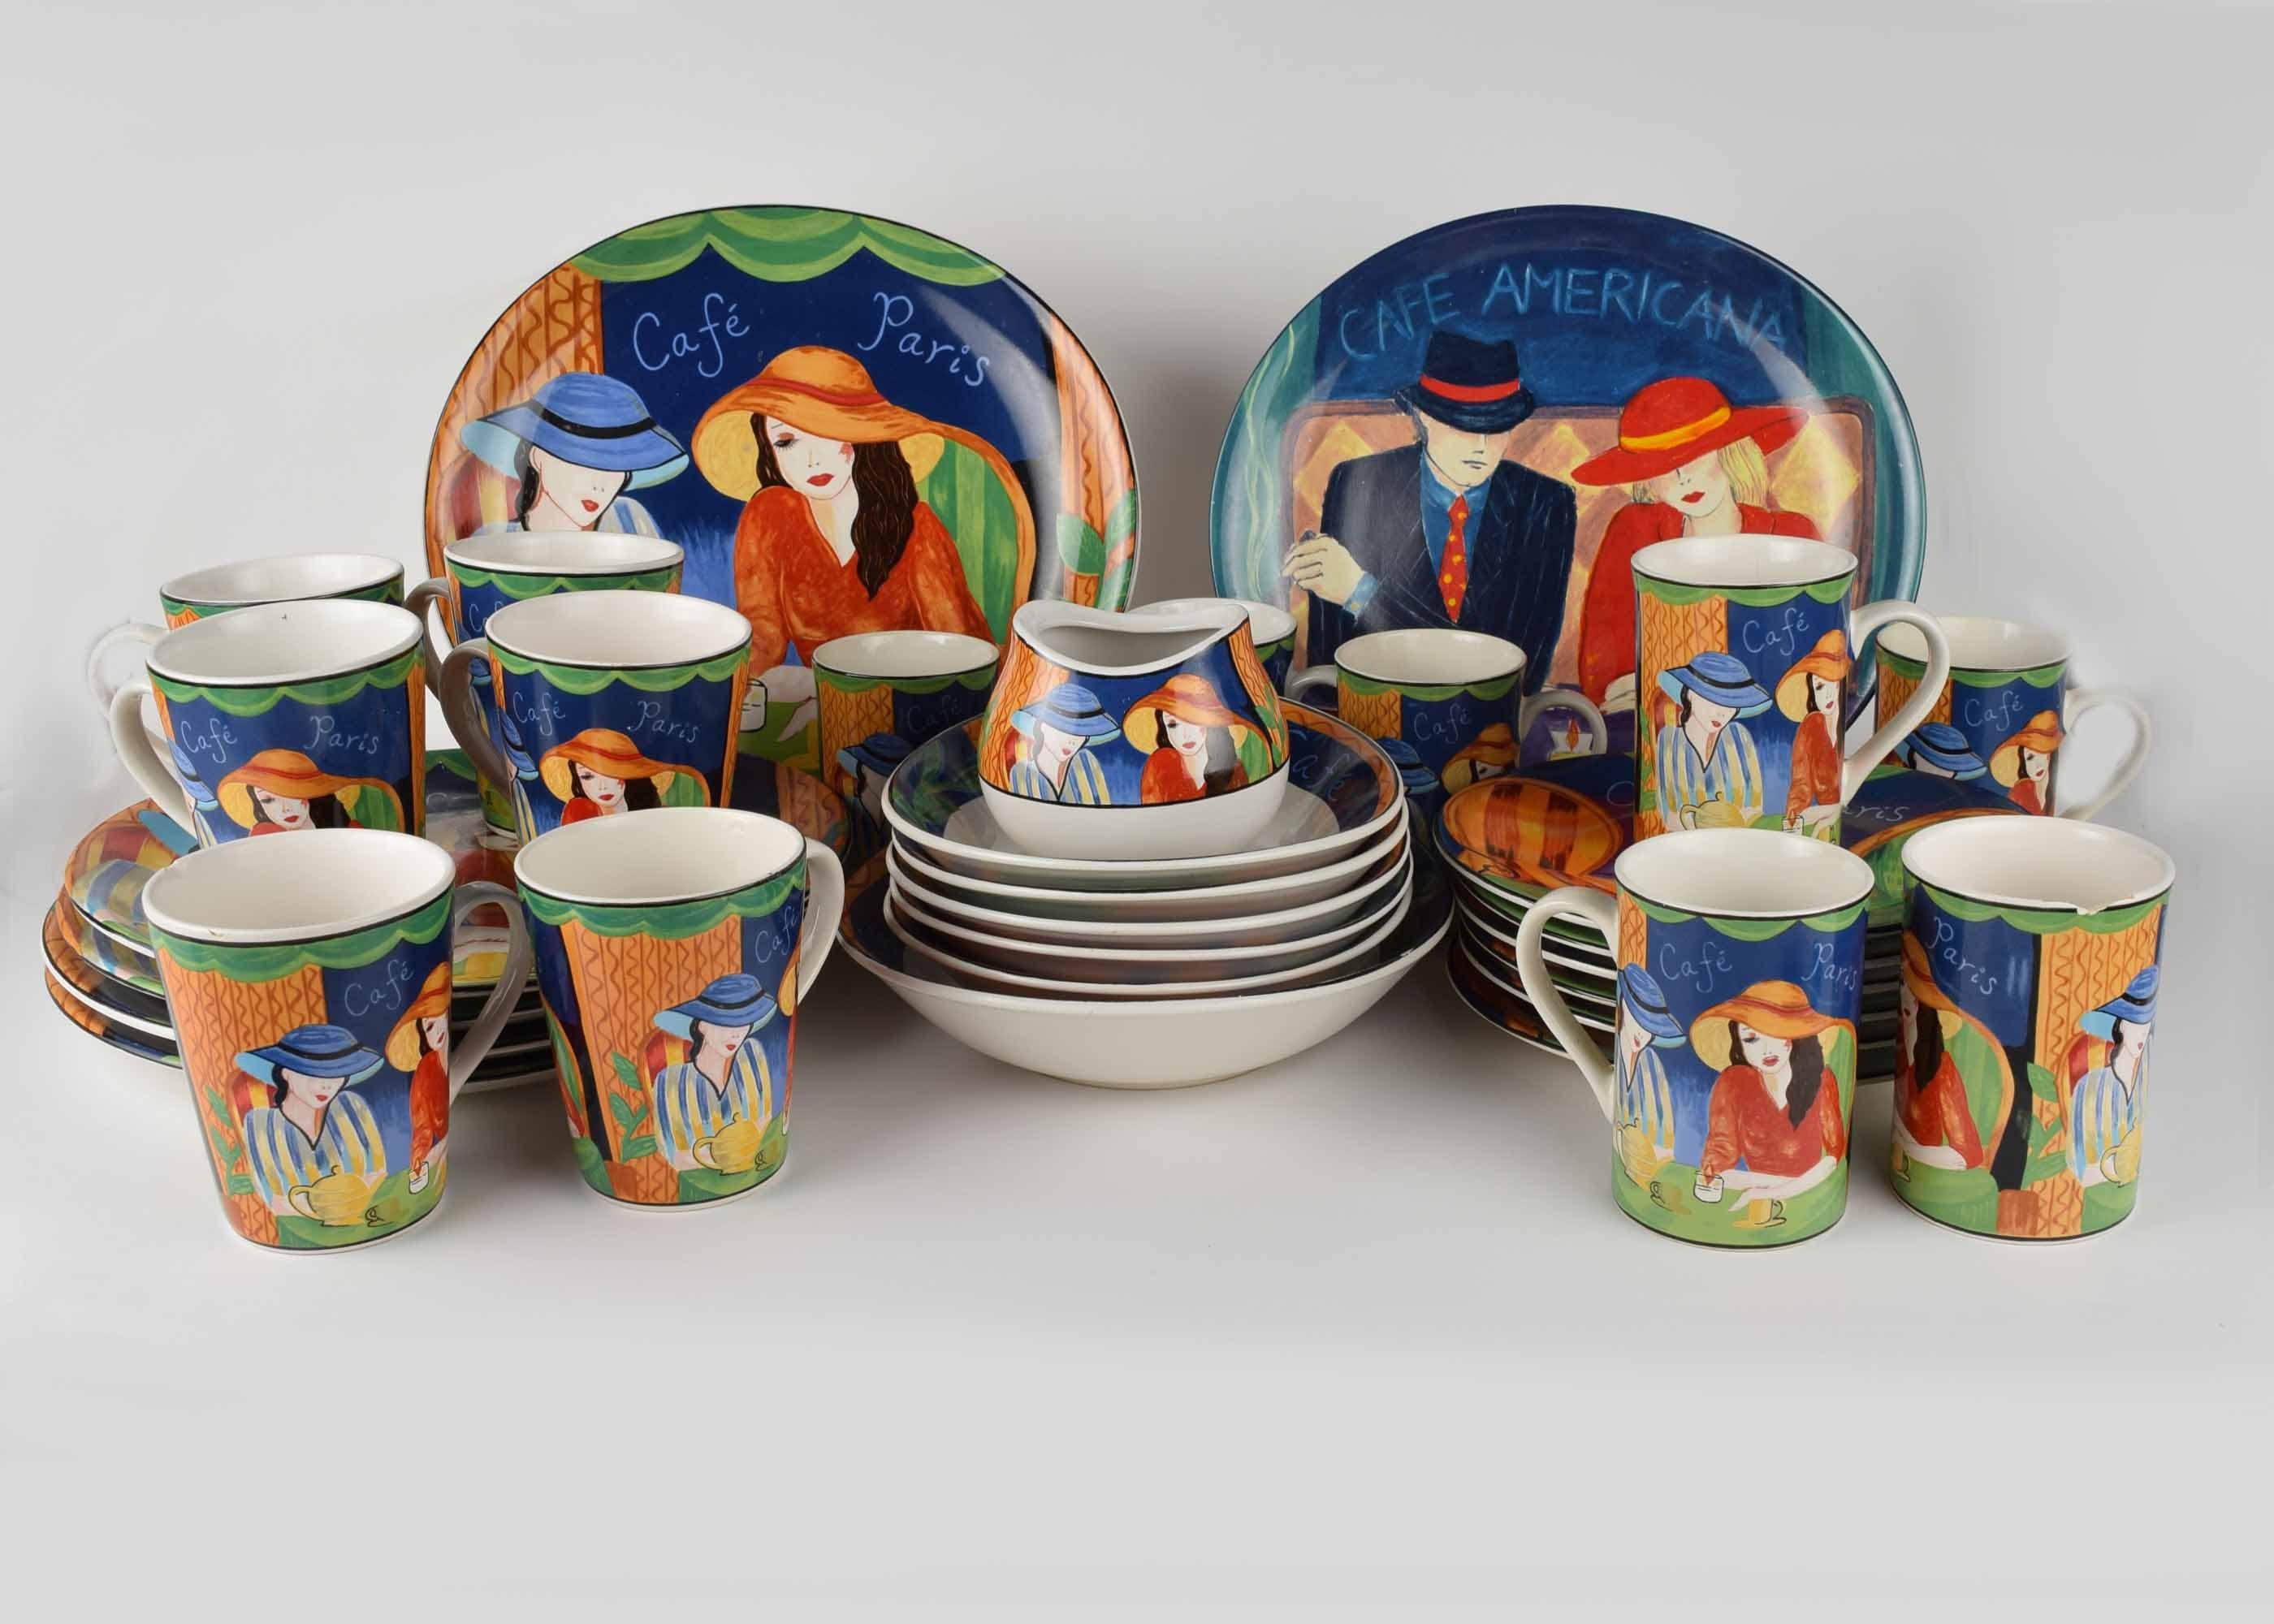 Sango \ Cafe Paris\  Dinnerware ... & Sango \